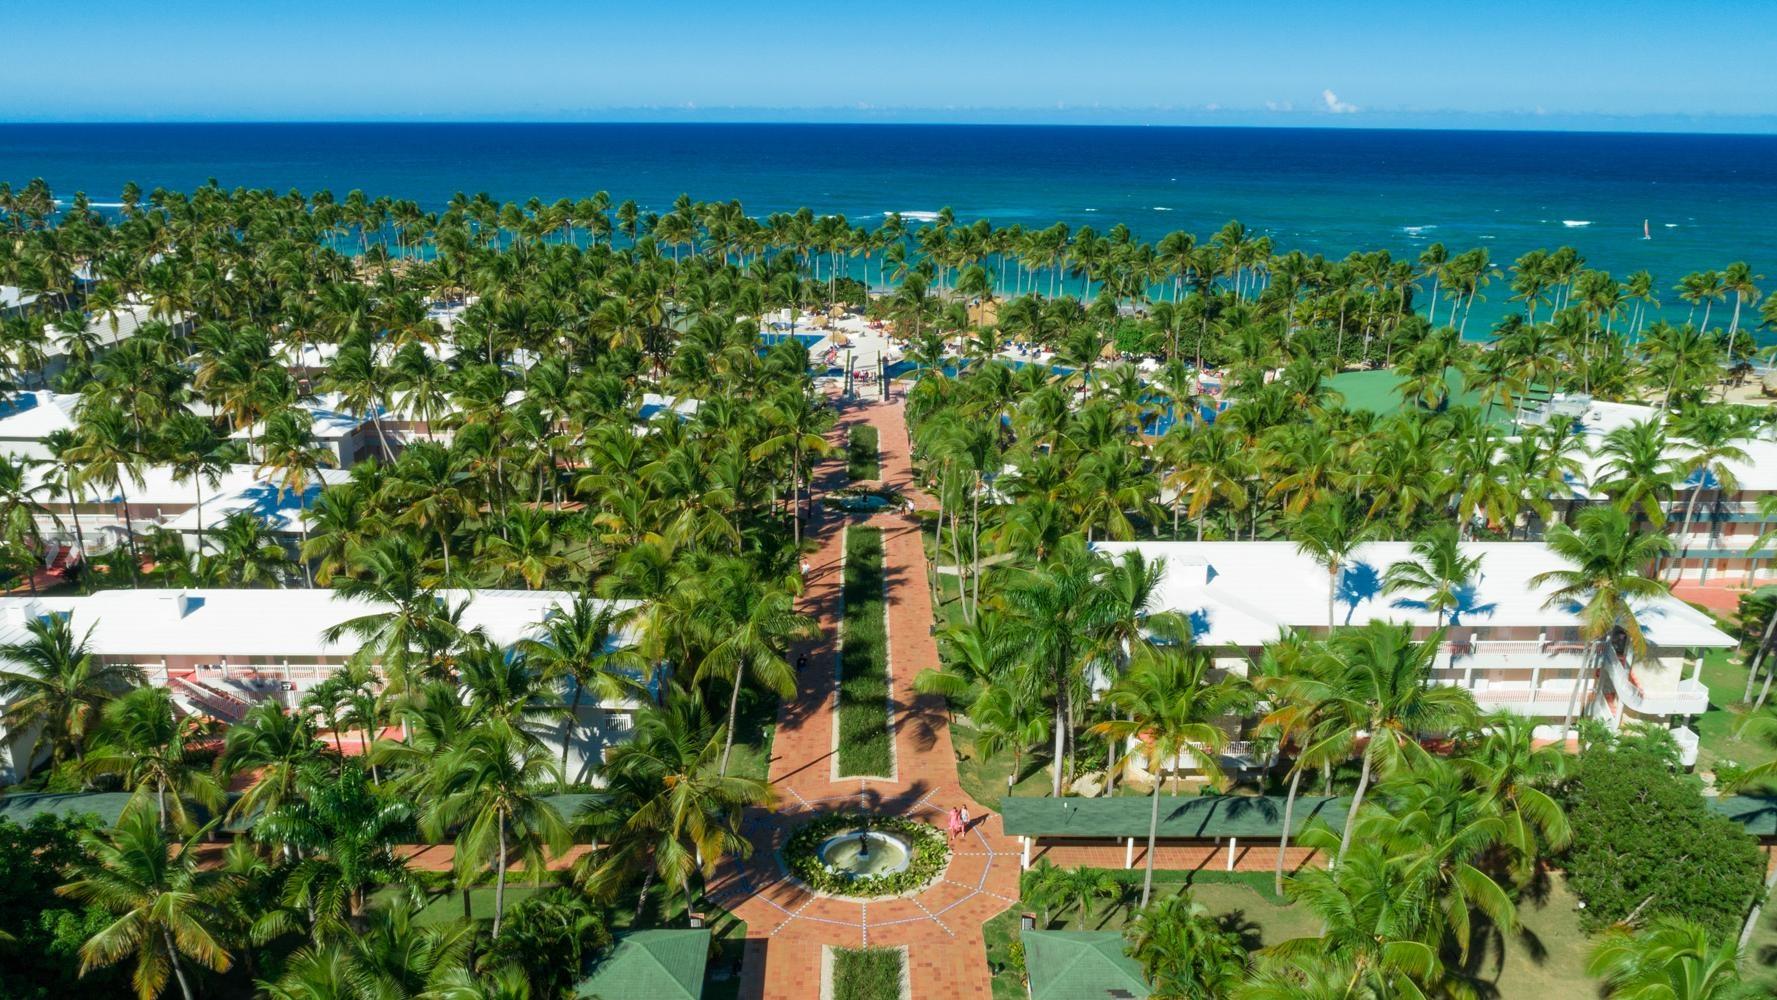 Hotel sirenis tropical suites casino /u0026 spa 5 estrellas fantasy springs casino calendar of events